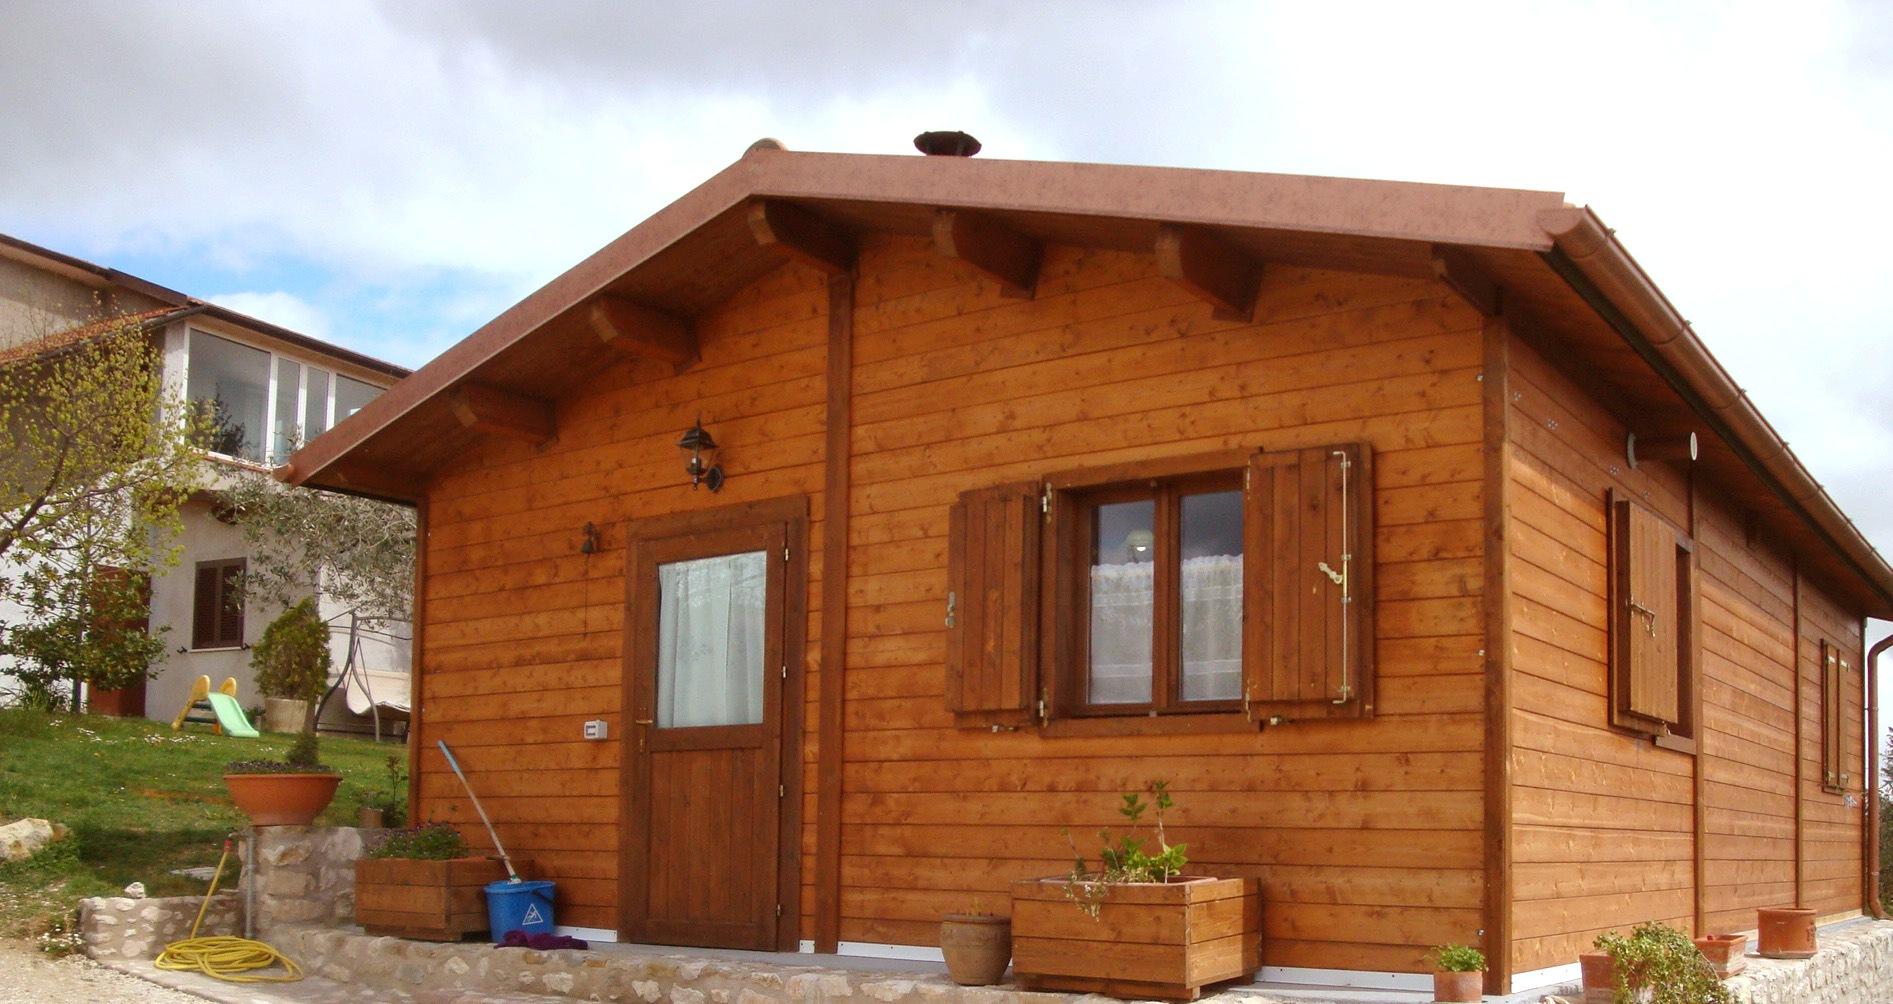 Folignonline terremoto polemiche dopo il servizio delle for Costo casette di legno